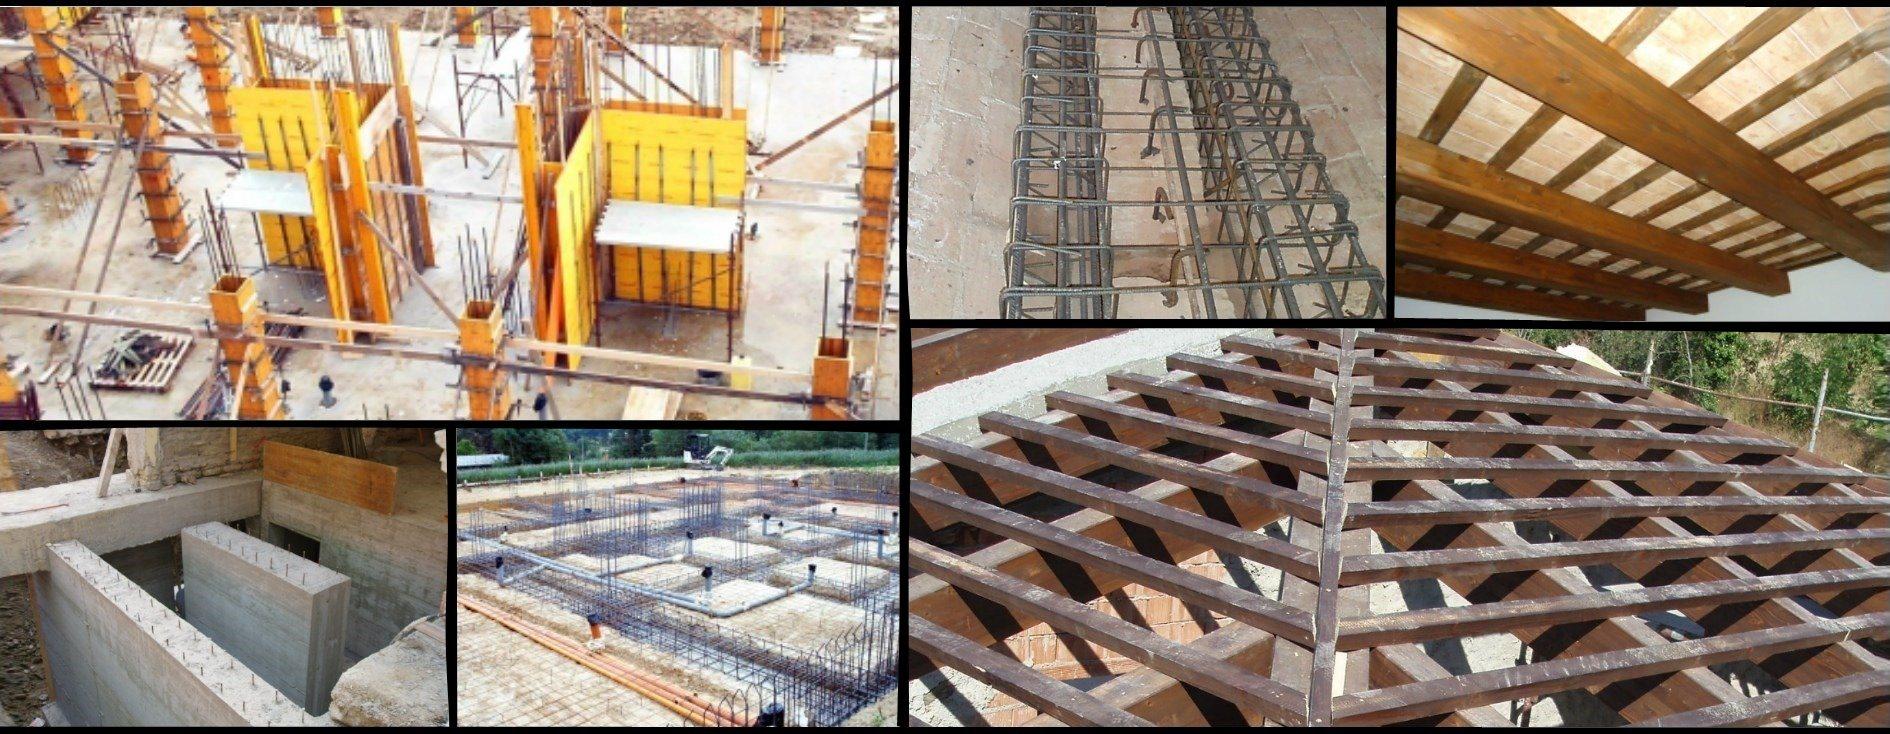 Opere in cemento armato e strutture in legno